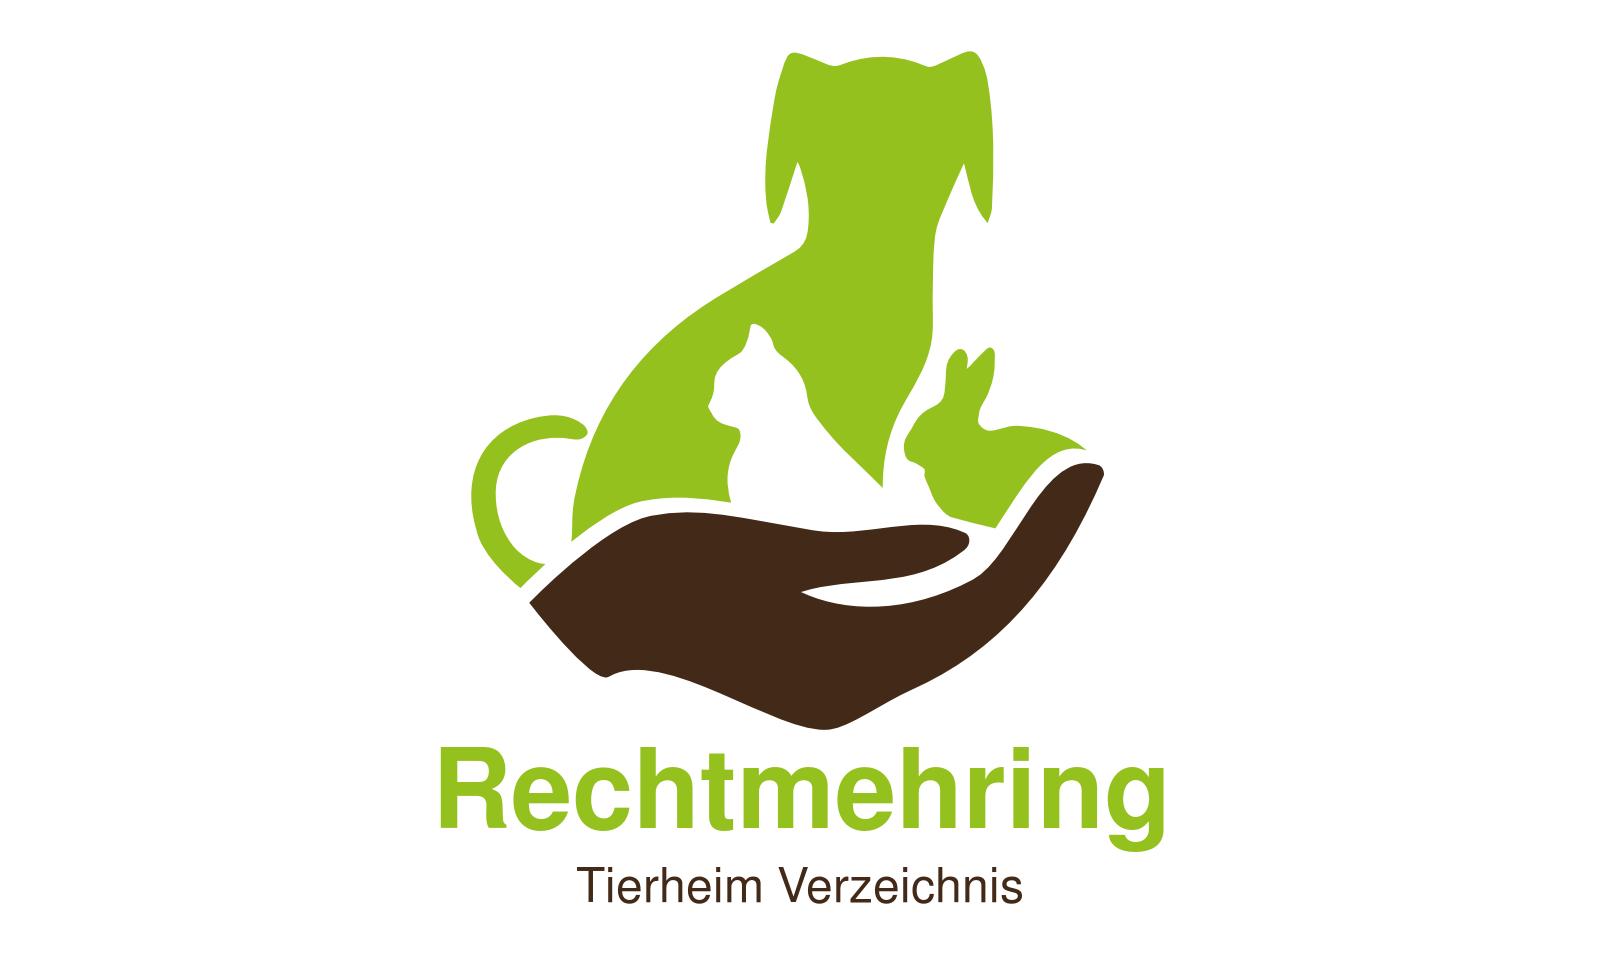 Tierheim Rechtmehring